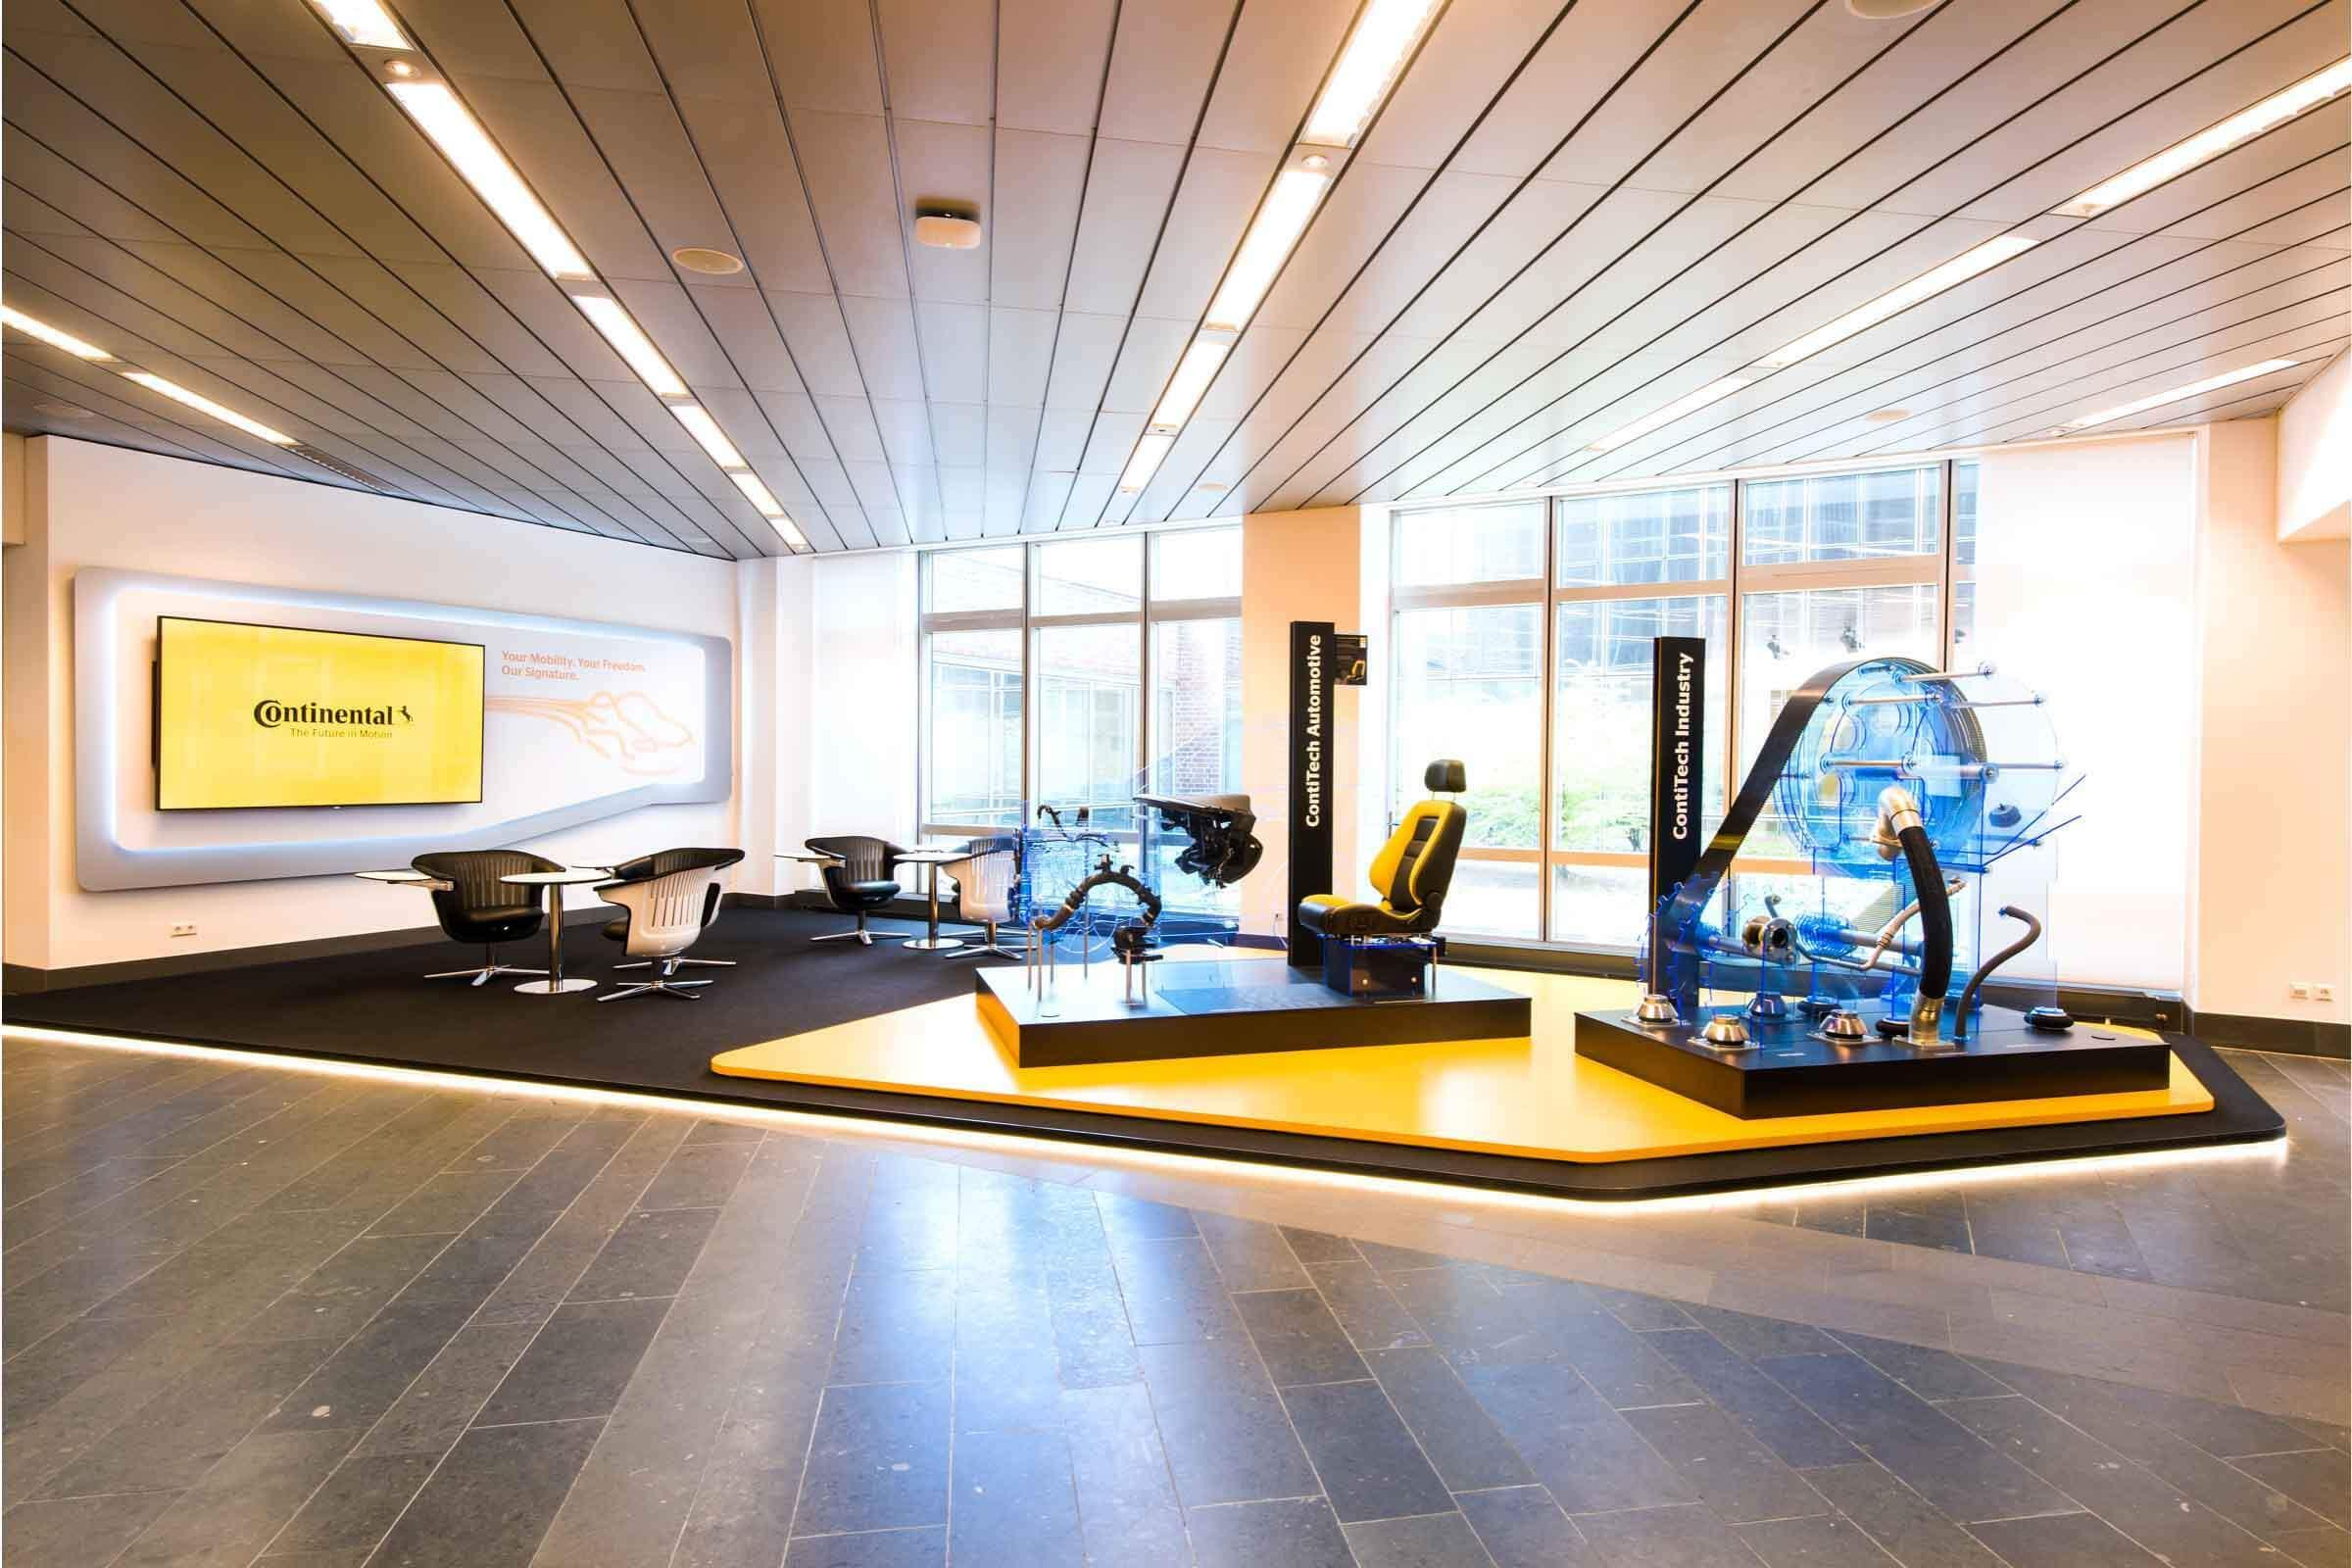 Office Design umgesetzt von Expomondo für Freenet